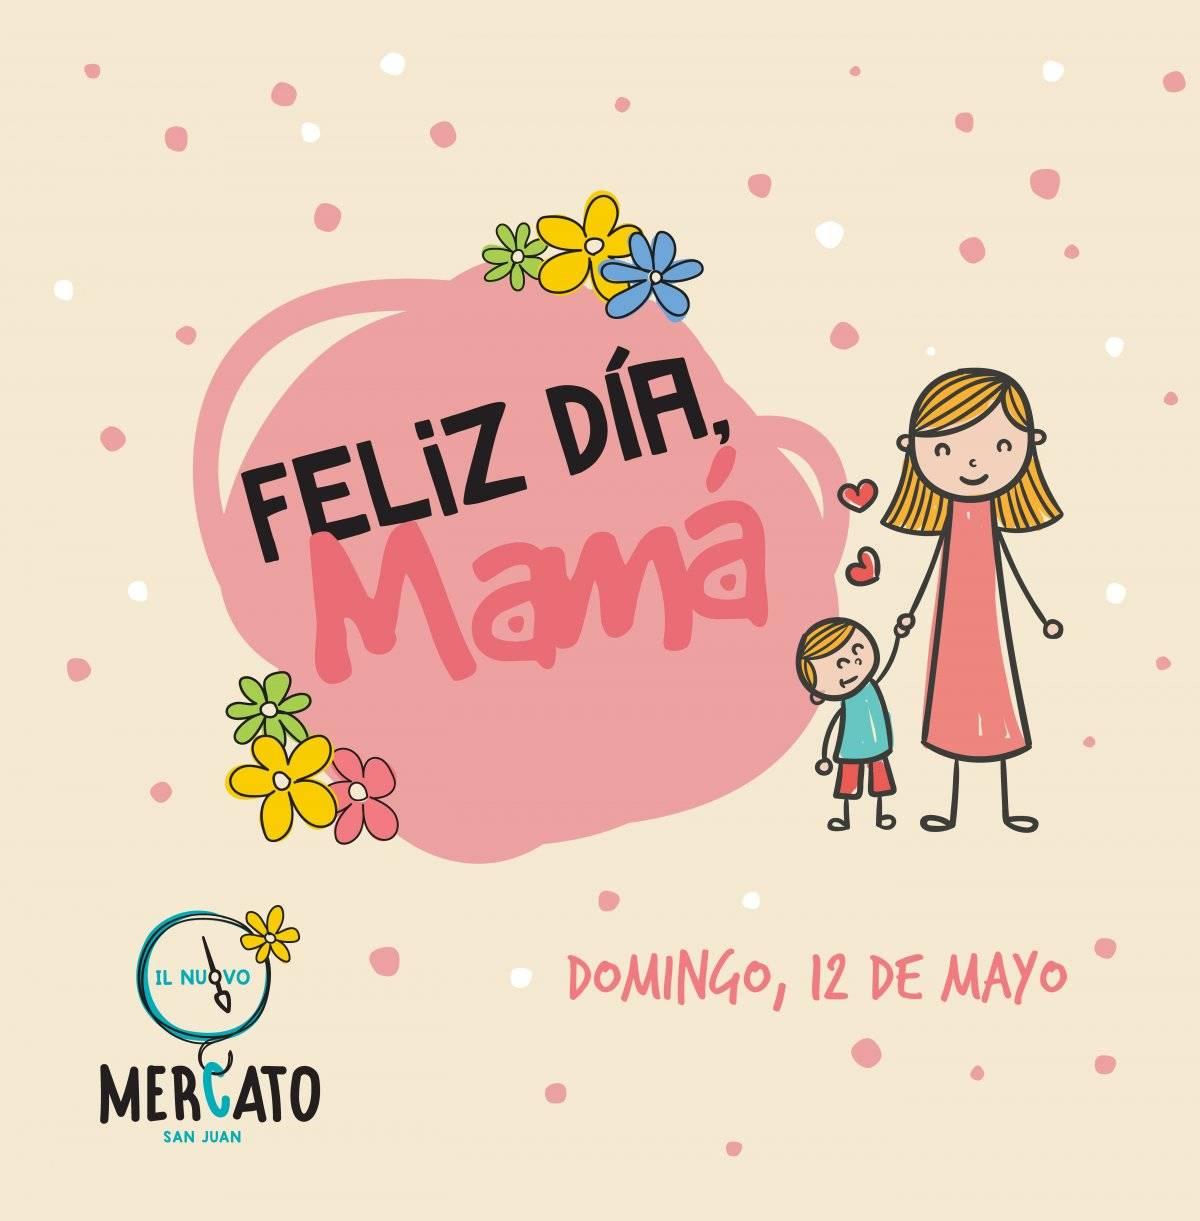 dia de las madres ill novo mercato